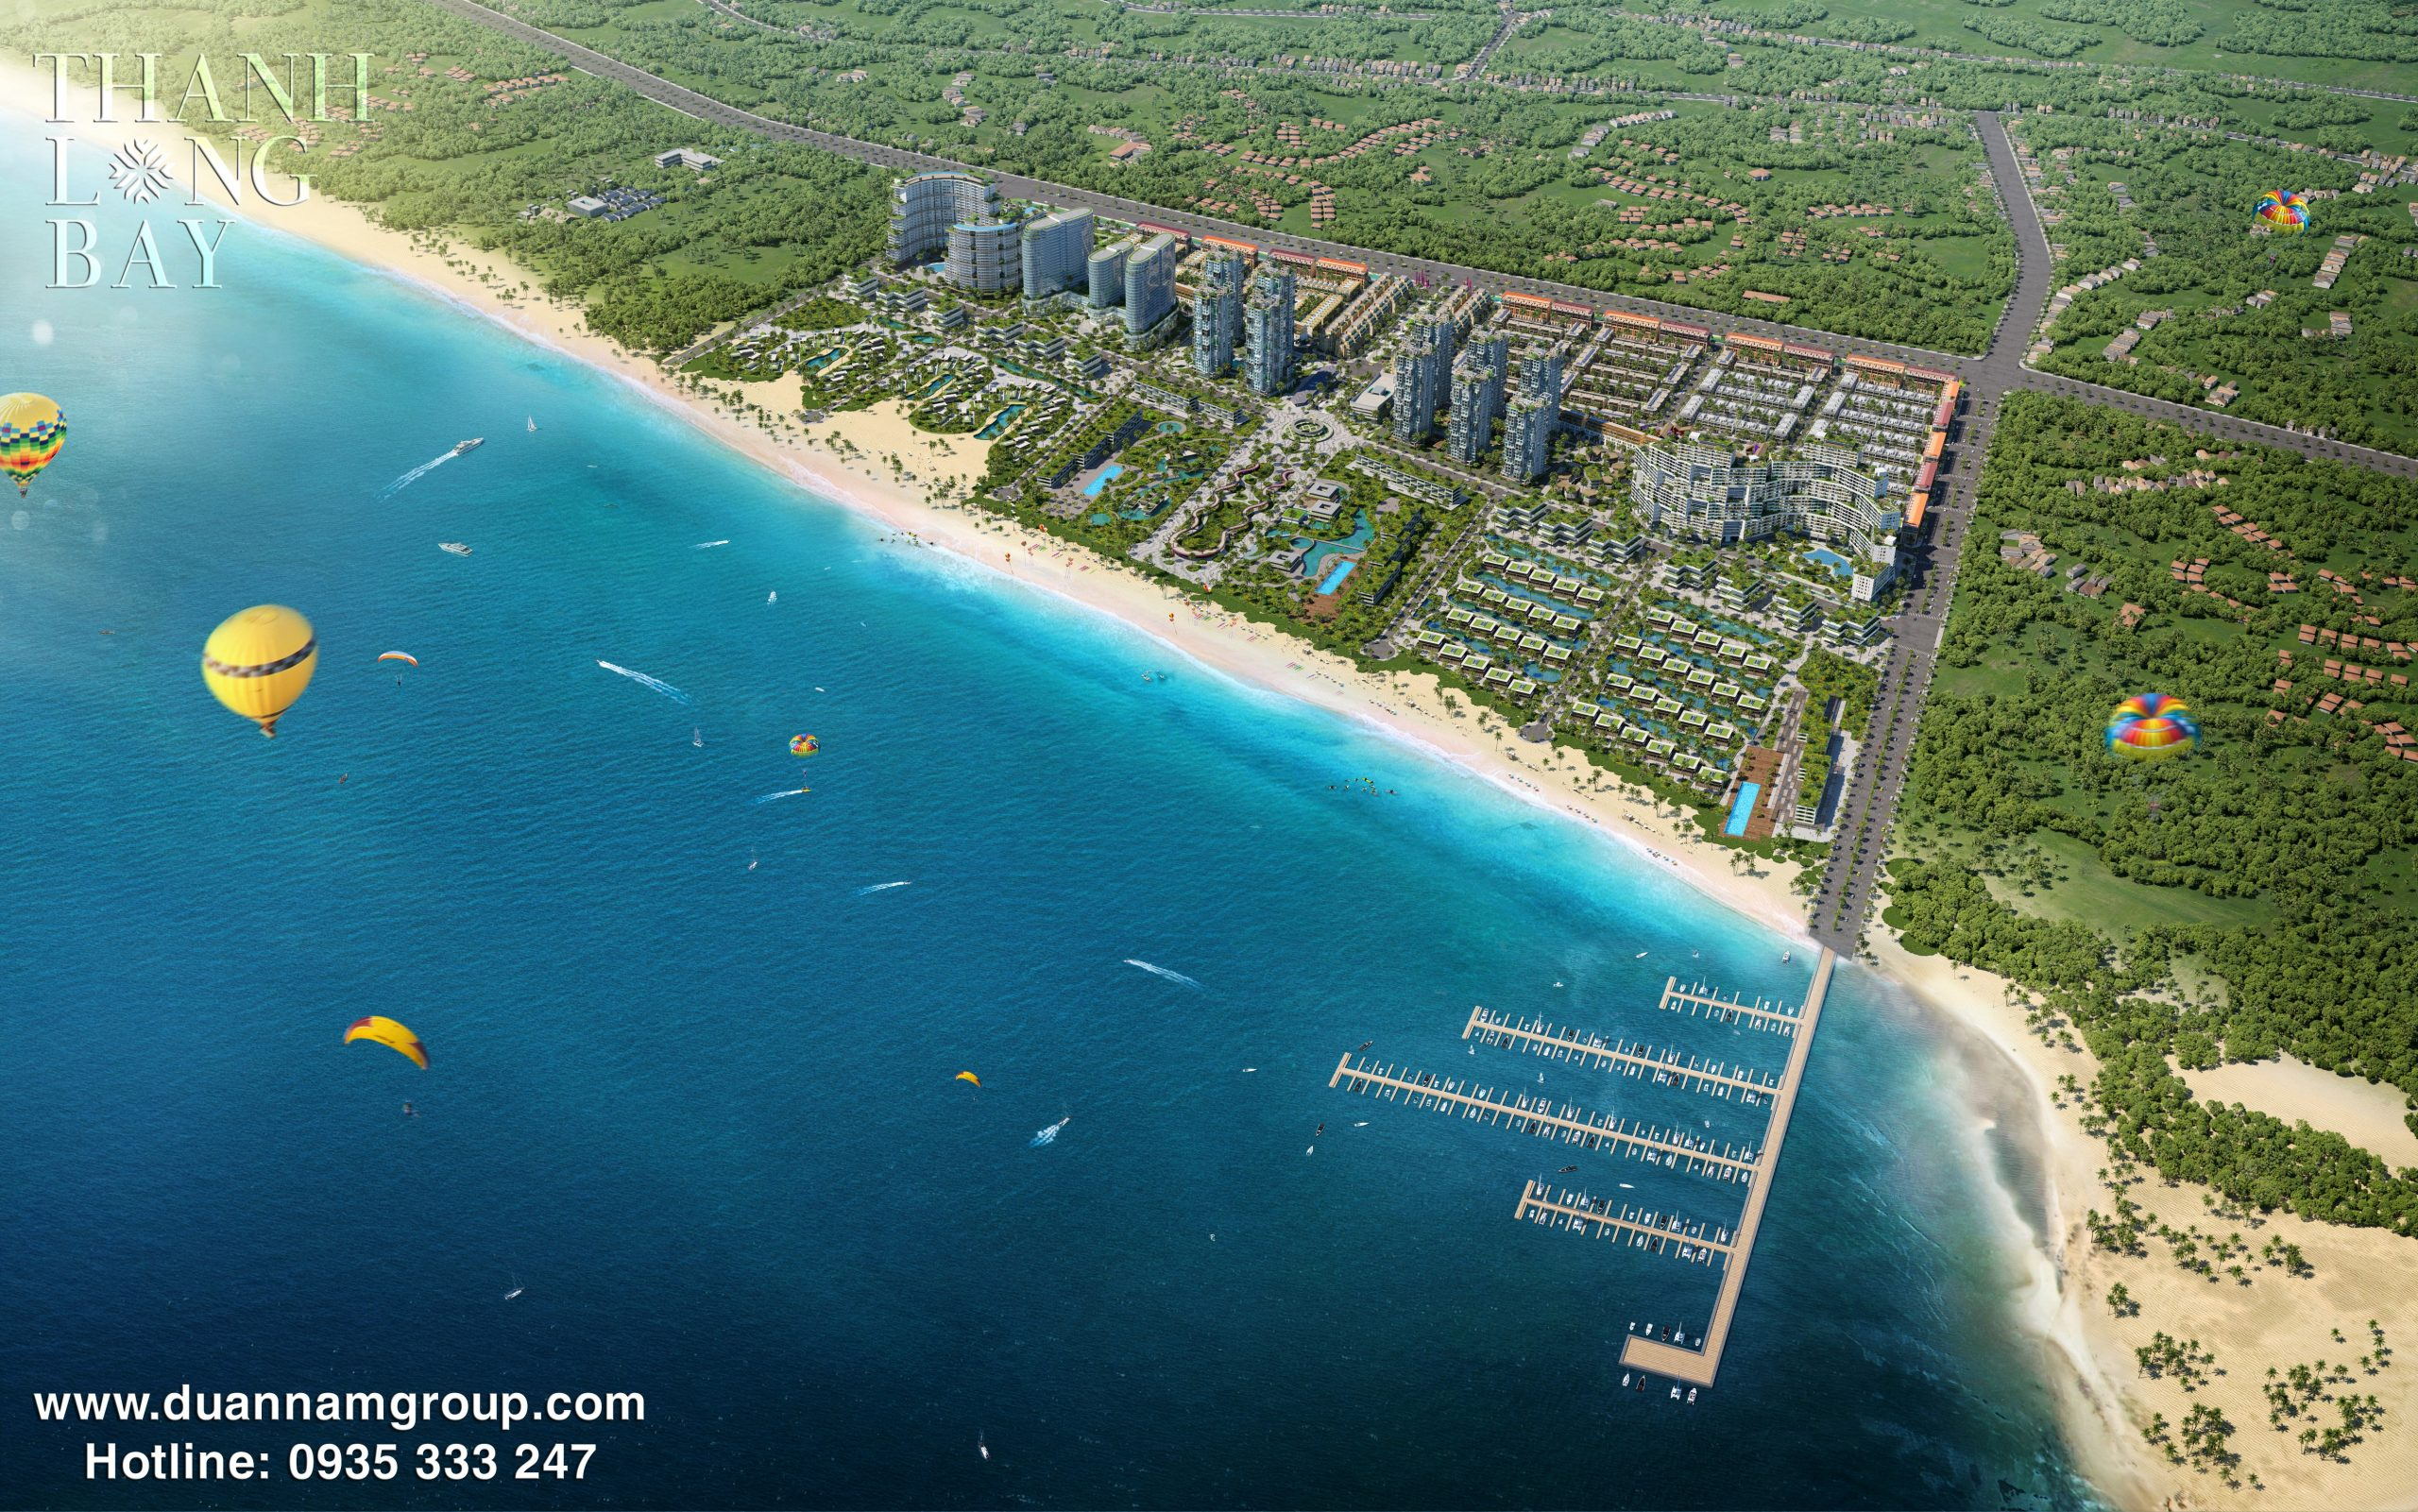 Thanh Long Bay Tổng Thể dự án